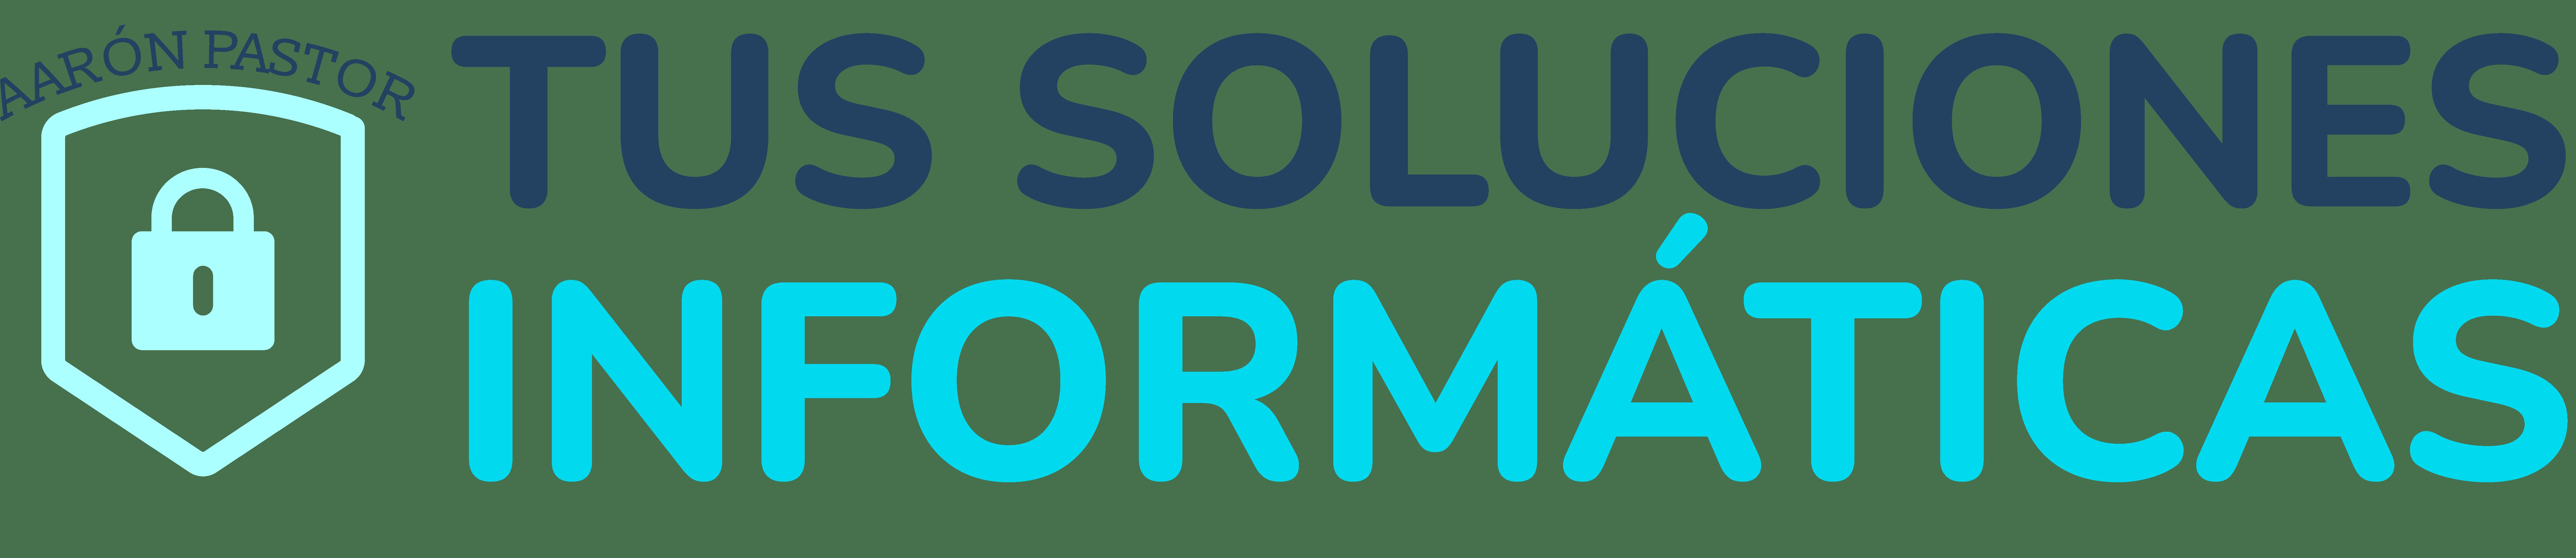 Tus soluciones informáticas